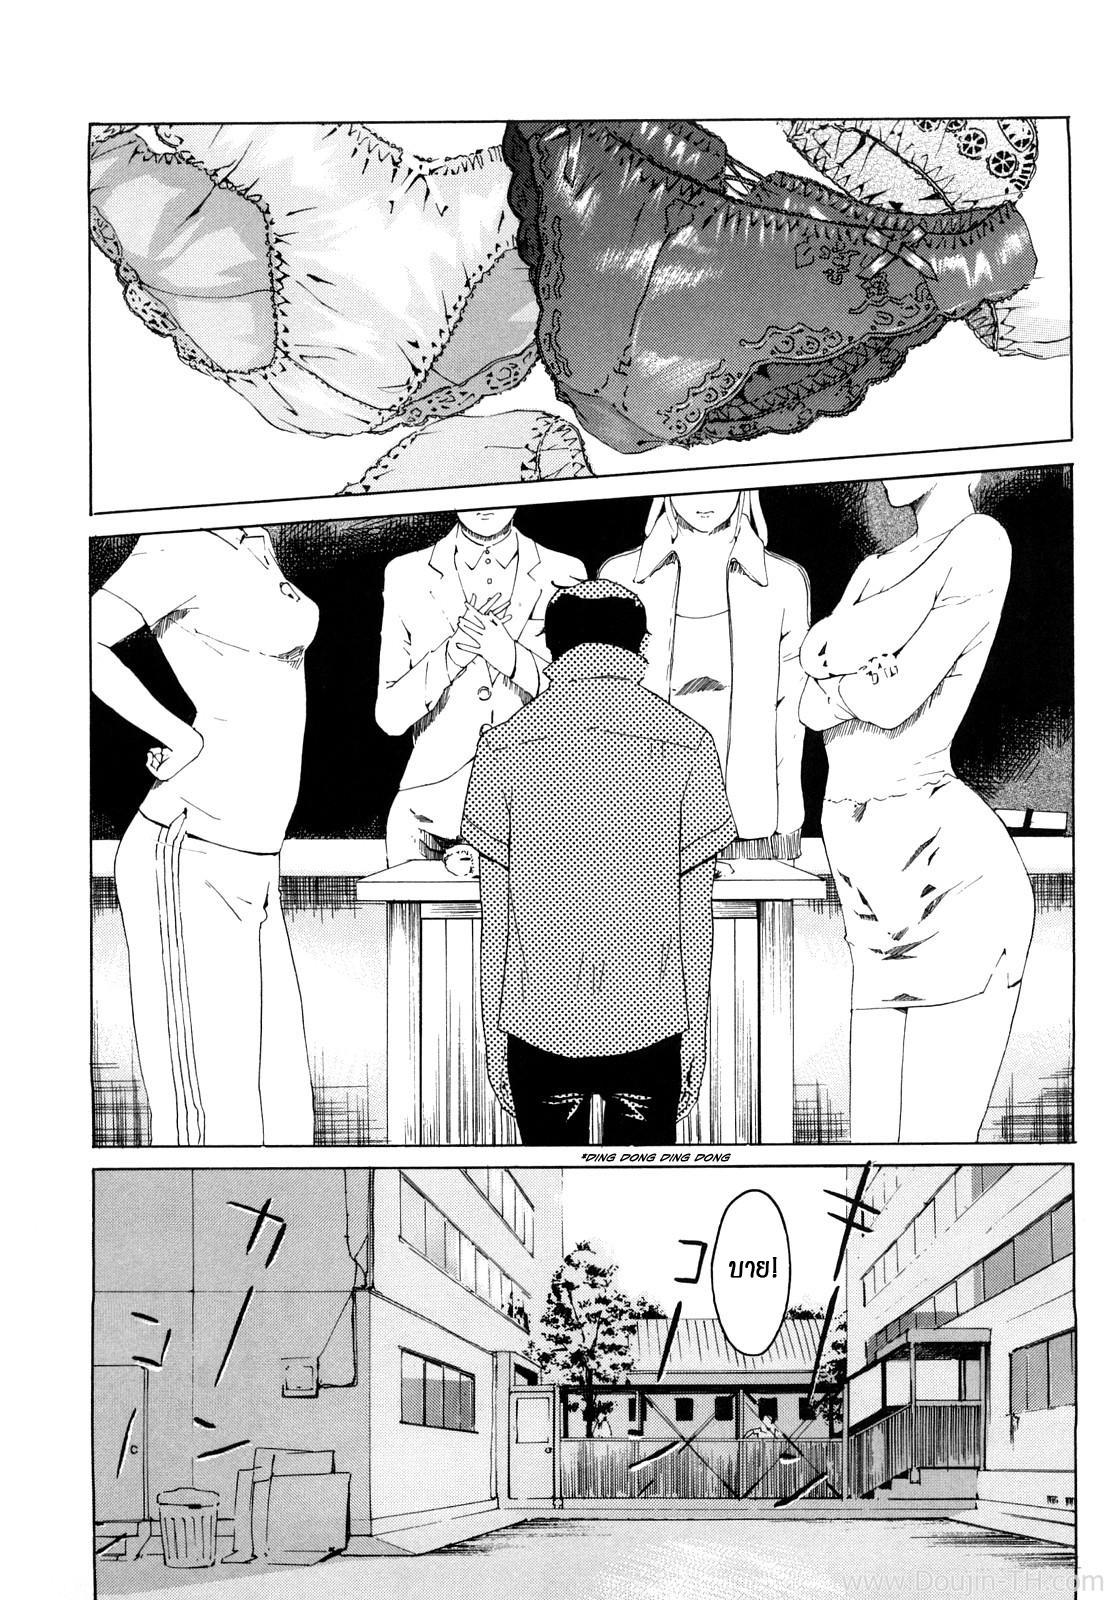 4 อาจารย์สาวผู้น่าสะพรึงกลัว - หน้า 2